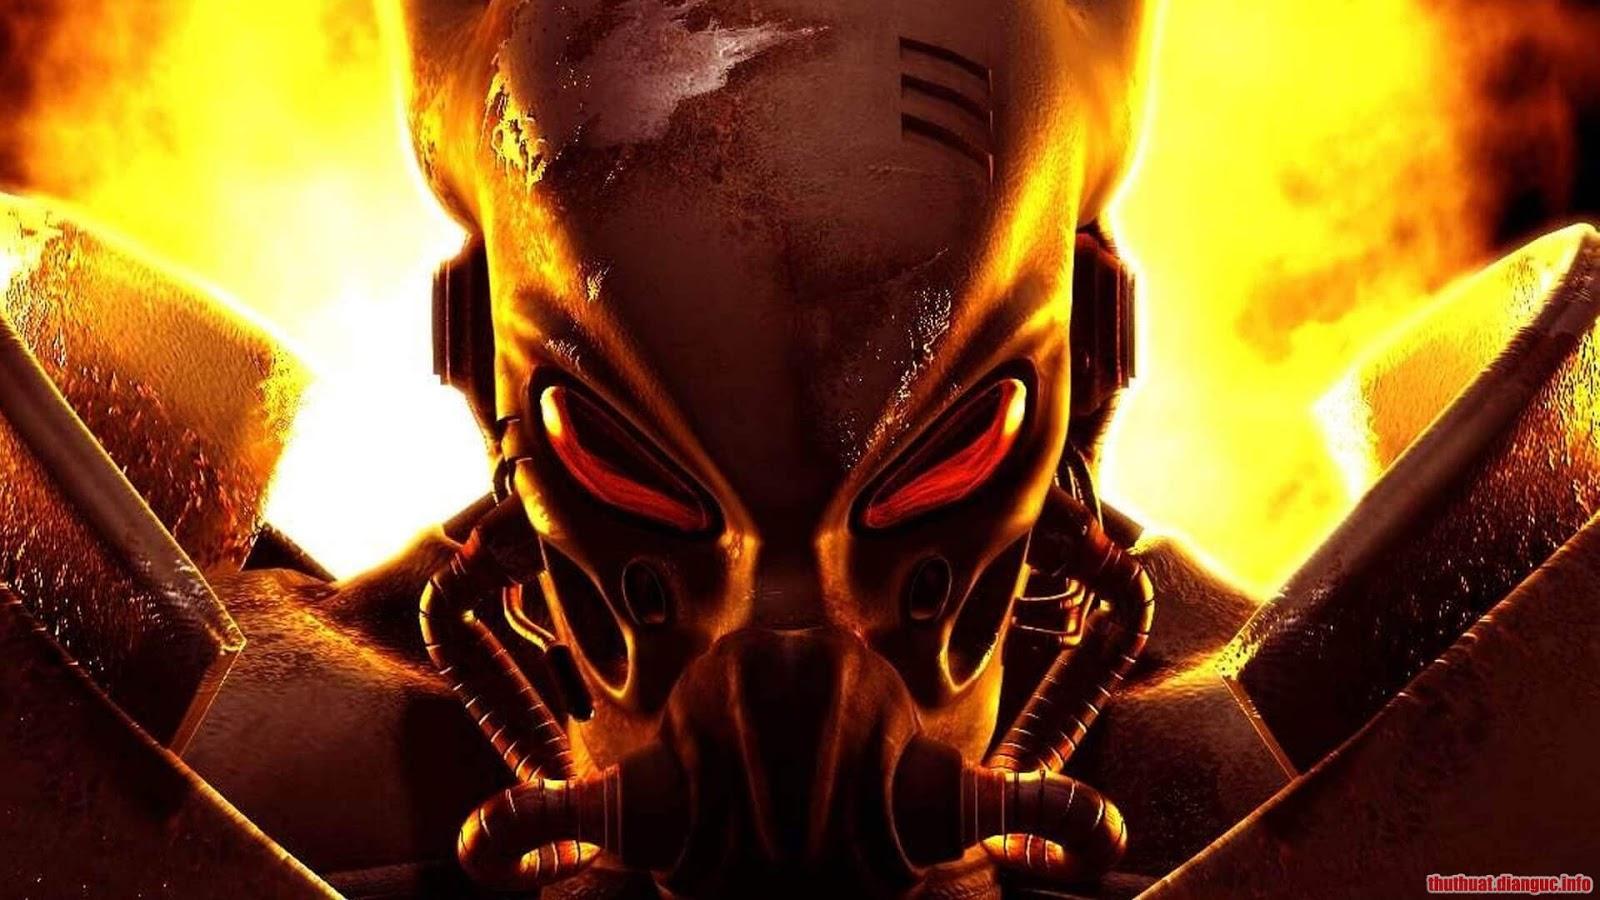 Download Game Fallout Tactics 2001 Full Crack